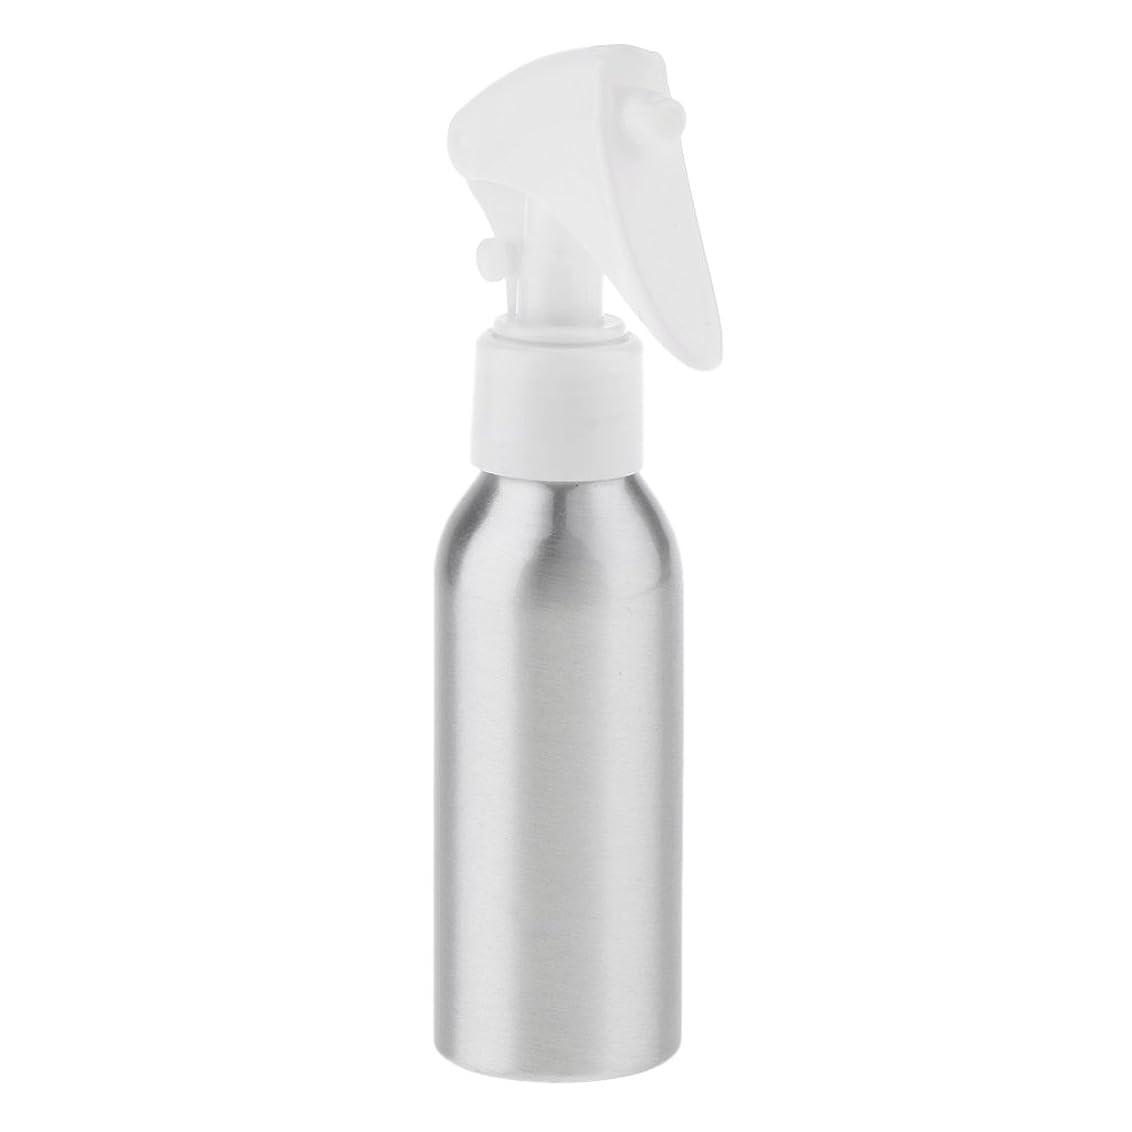 なぞらえる給料ピルファーCUTICATE スプレーボトル 空ボトル 水スプレー スプレー ポンプボトル 噴霧器 プロのサロン 多機能 6サイズ選択 - 120ML